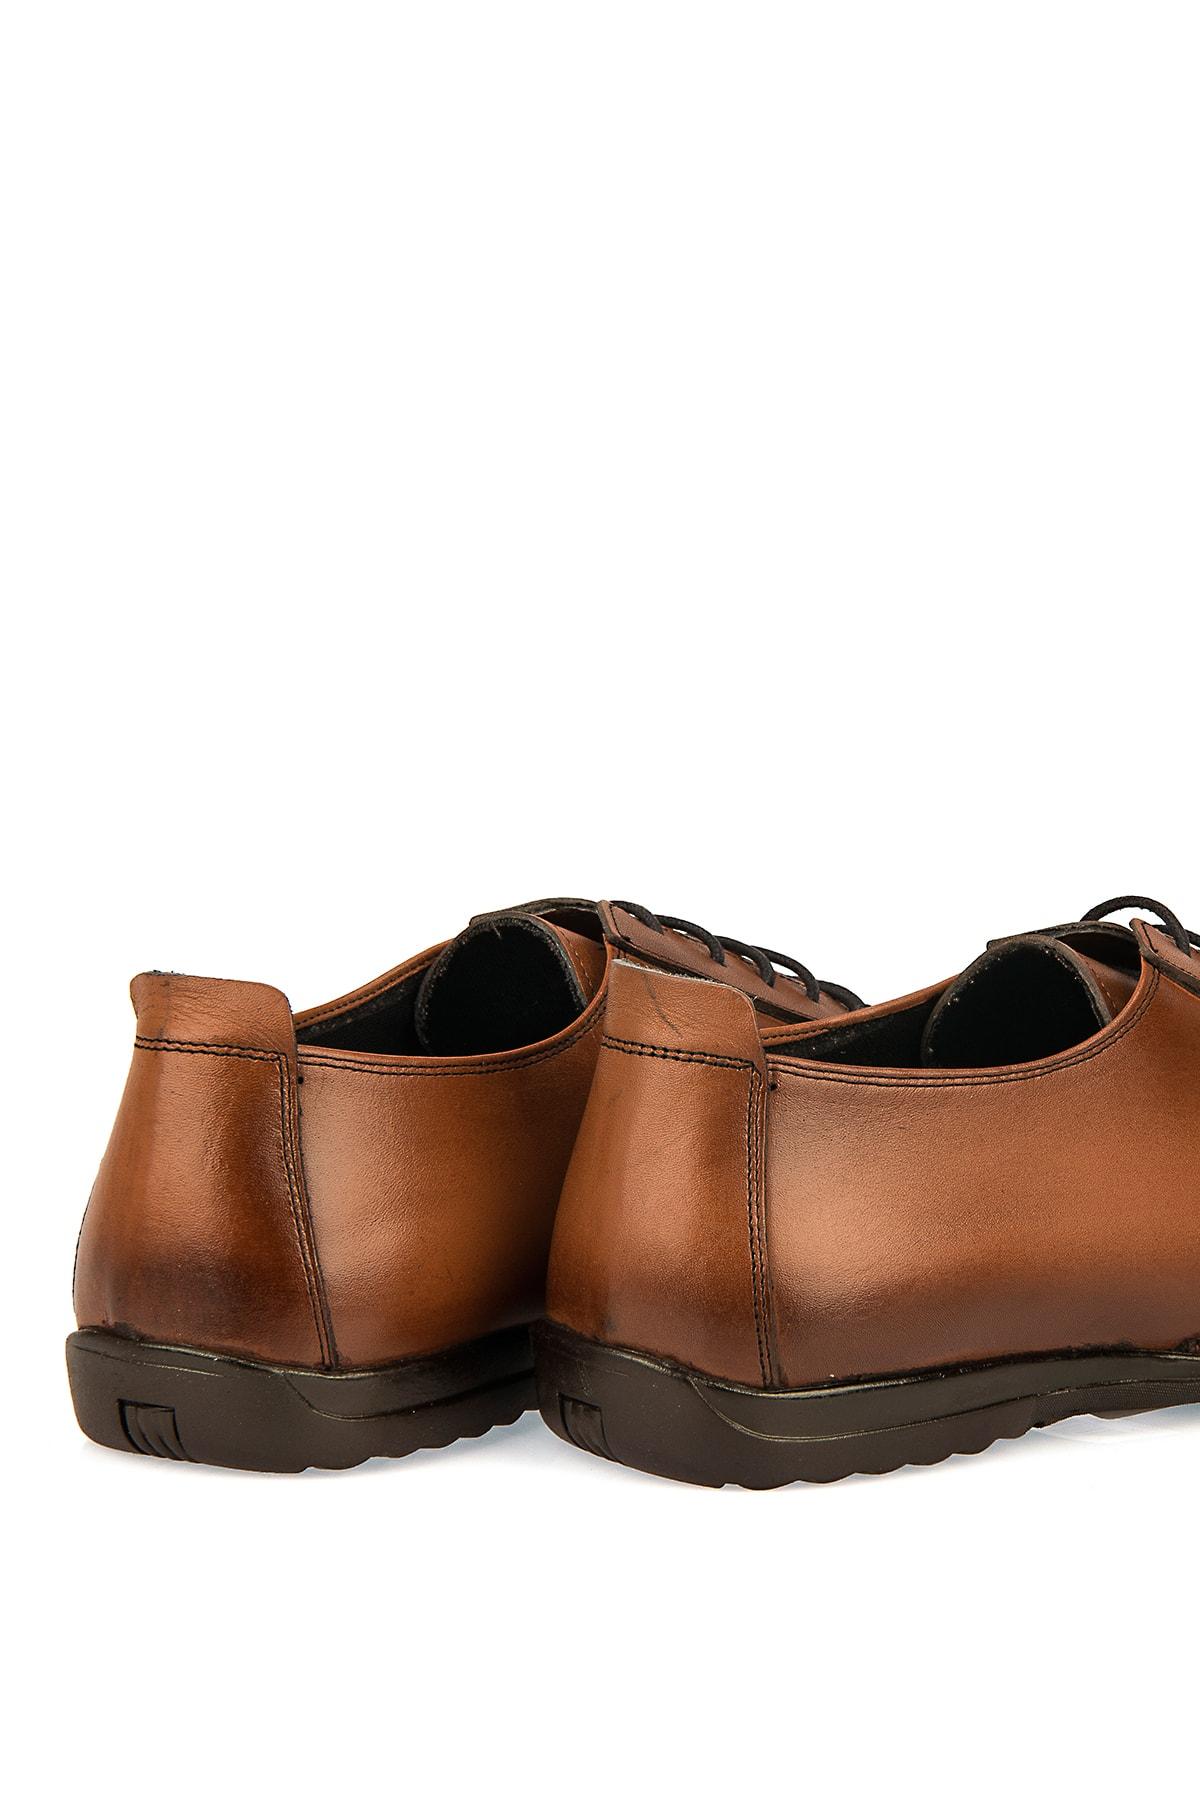 Ziya Hakiki Deri Taba Erkek Ayakkabı 101415 485046 3